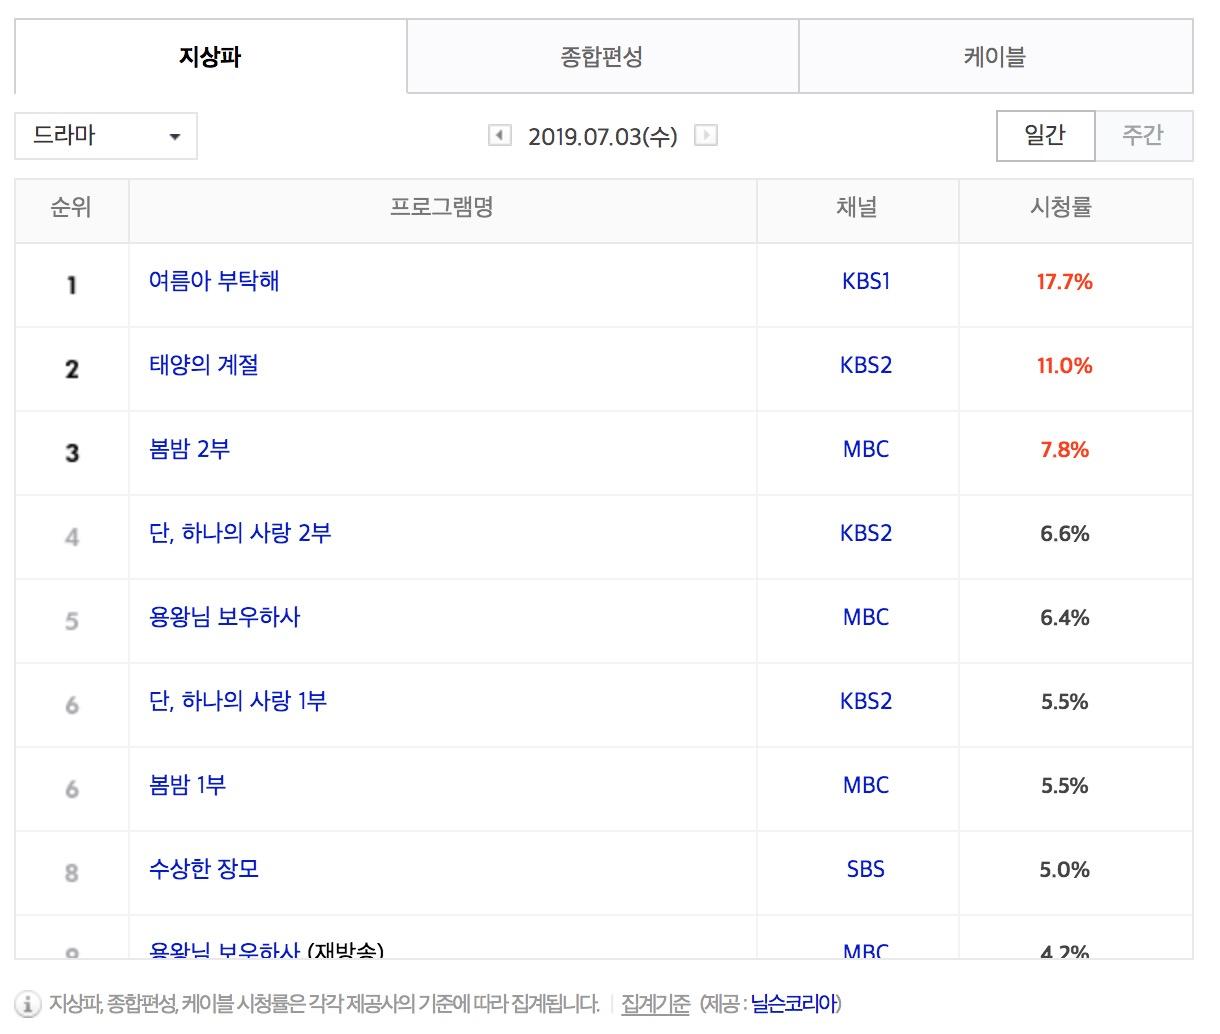 [수목드라마] 4일 드라마 편성표-시청률 순위-방영예정 후속드라마는?